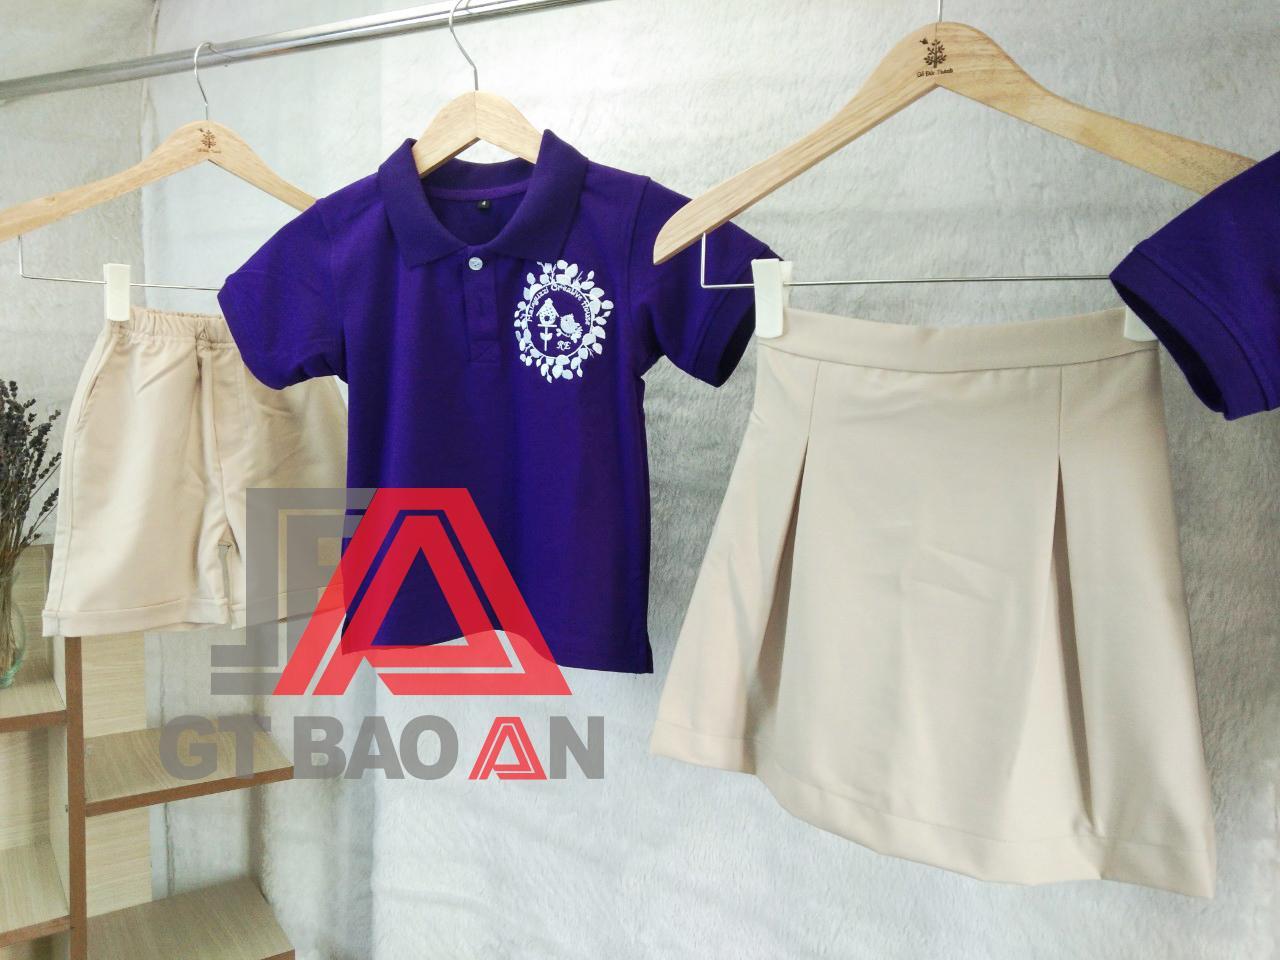 May đồng phục mầm non-mẫu giáo giá tại xưởng